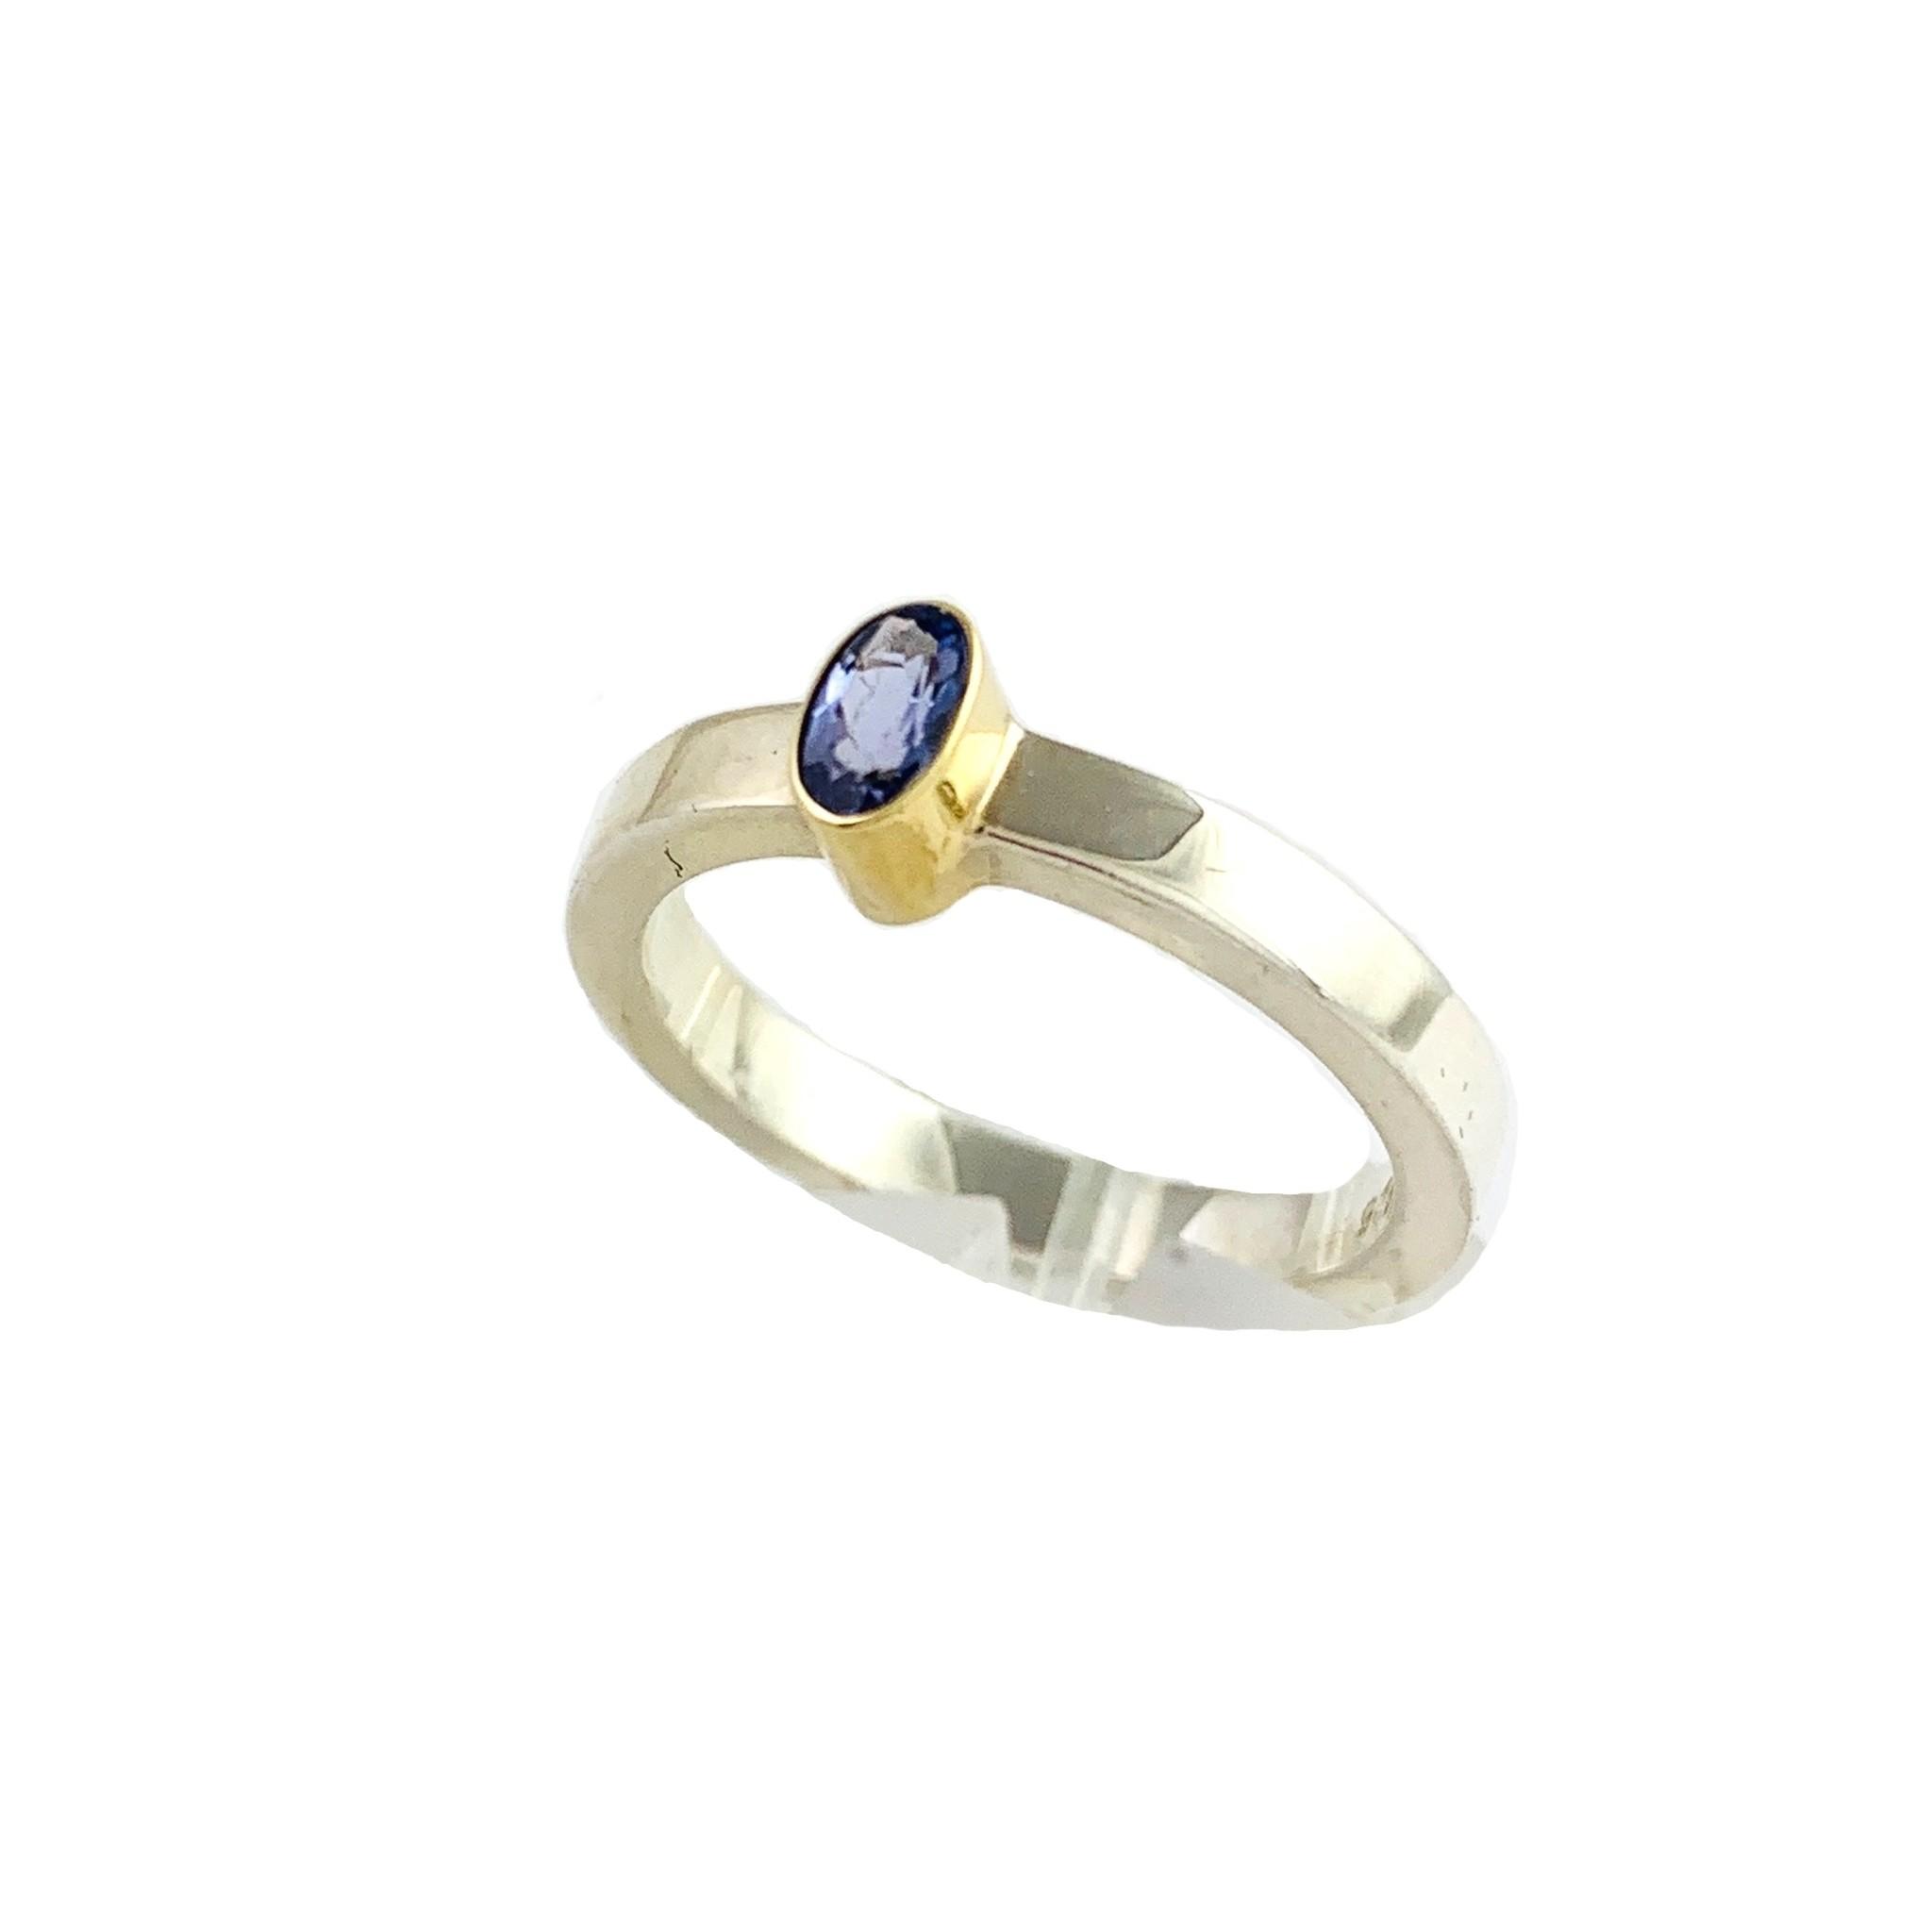 Kiliaan Jewelry Collectie Ring tanzaniet, zilver en goud